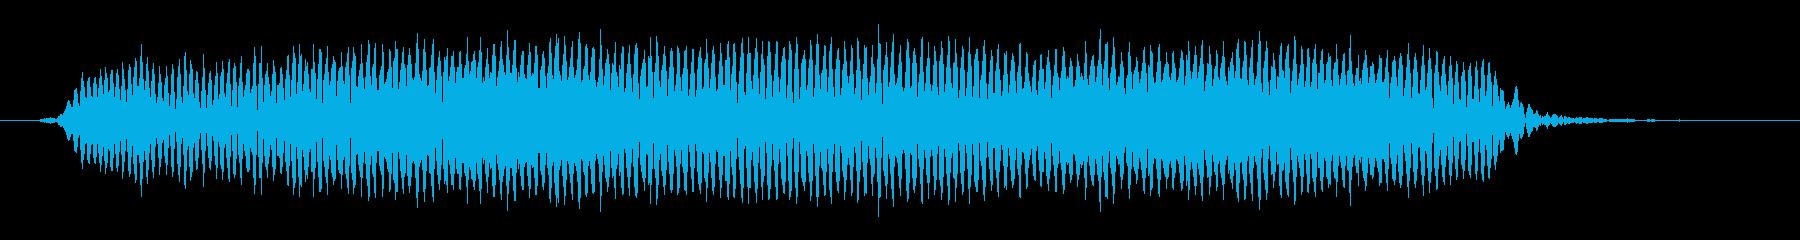 「ピィィーッ」サッカー試合開始時の笛の再生済みの波形